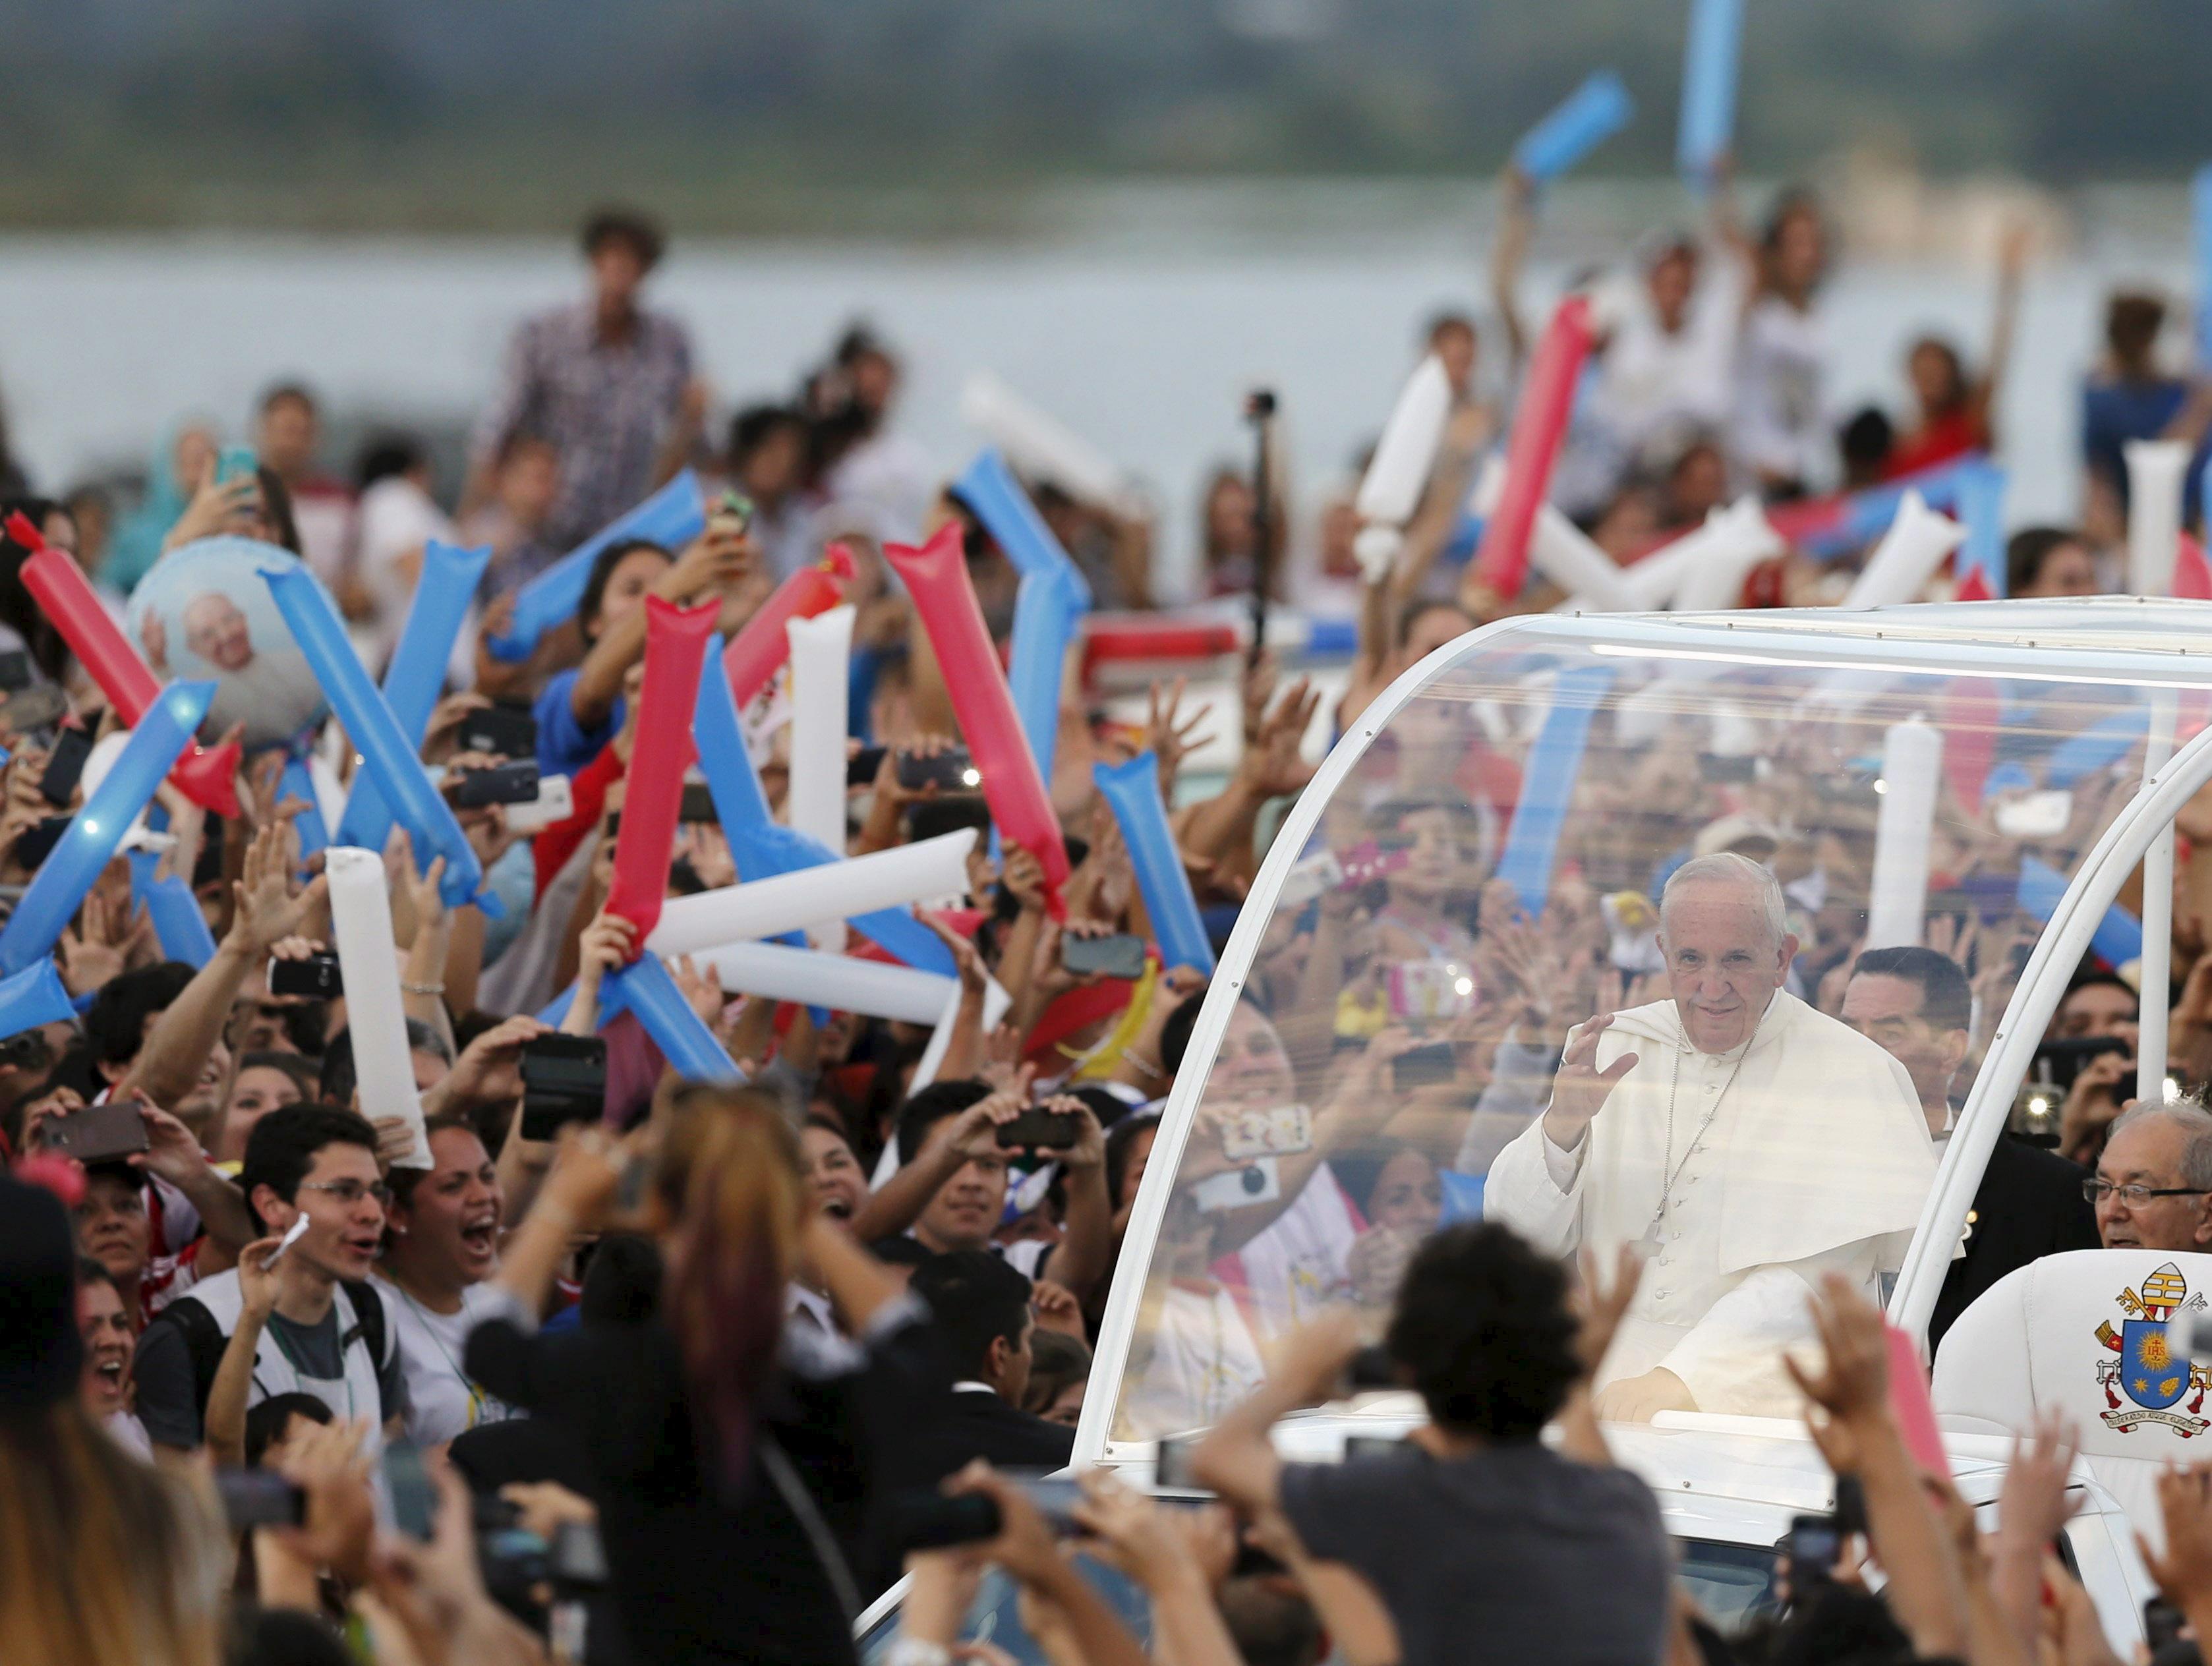 2015 07 12T120000Z 518661851 GF10000157372 RTRMADP 3 POPE LATAM PARAGUAY Bispos do Paraguai recordam os seis anos da visita do Papa